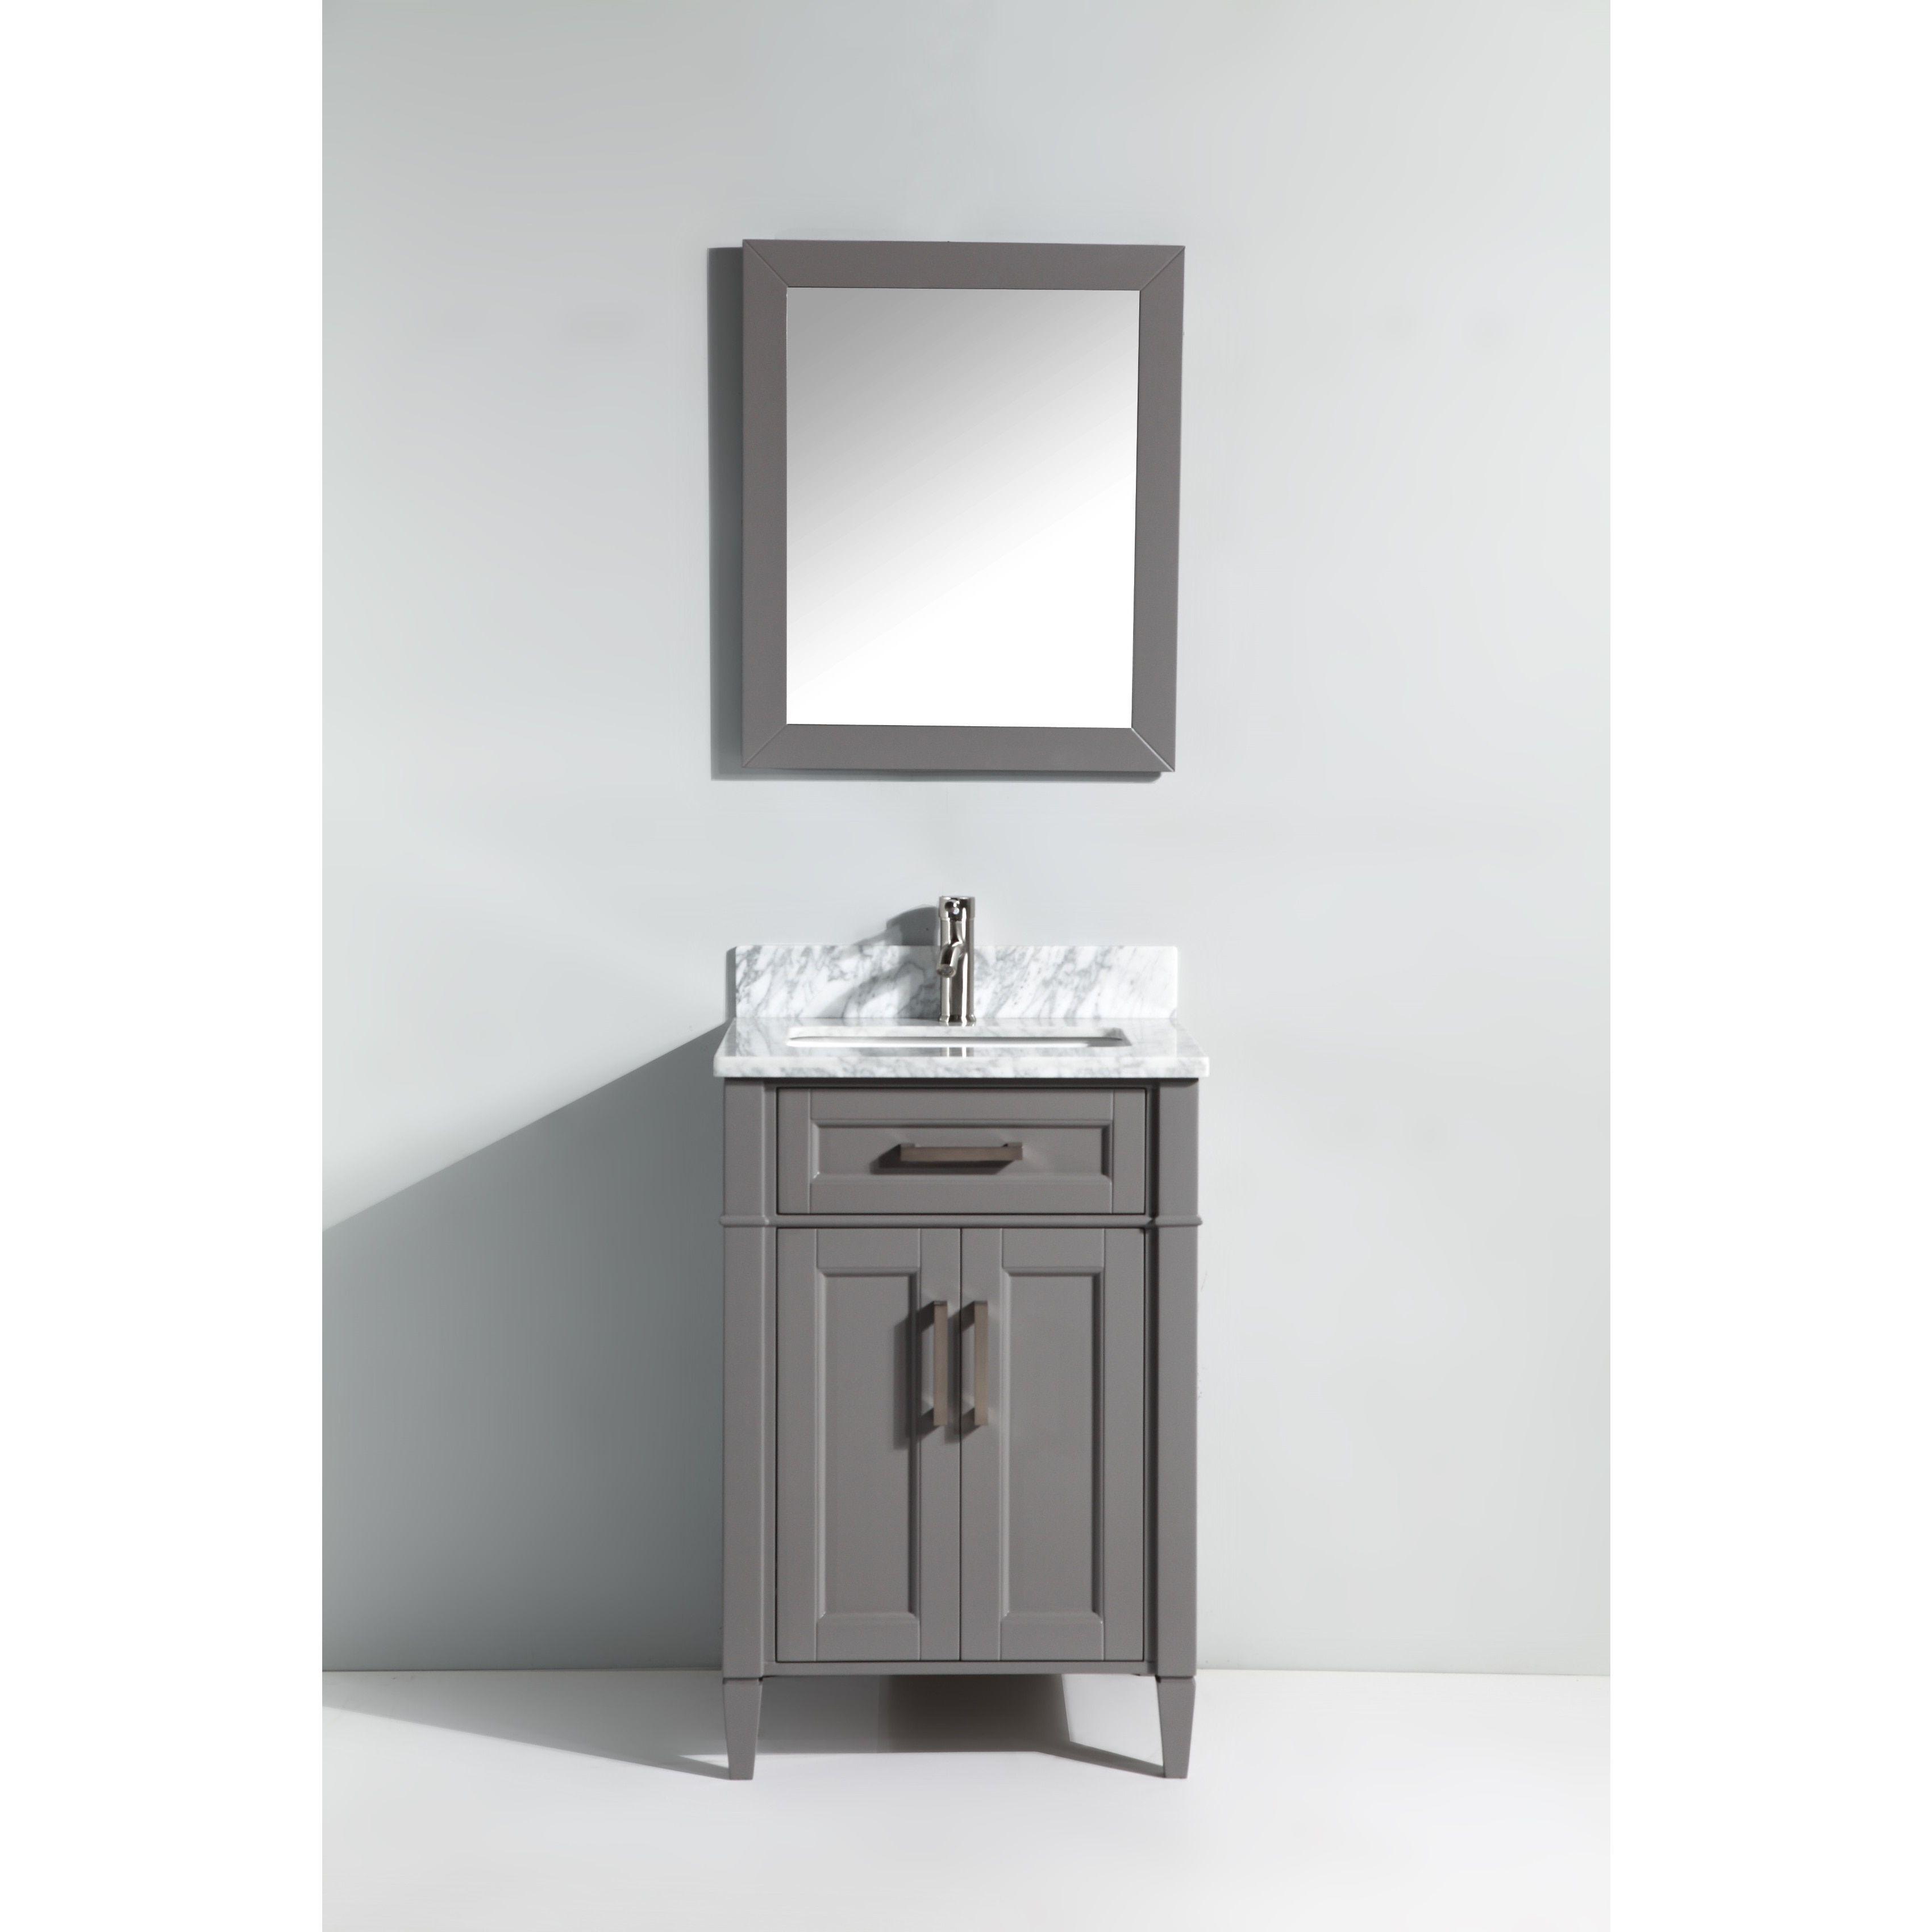 Vanity Art Wood 24 Inch Single Sink Bathroom Vanity Set With Marble Top White Size Single